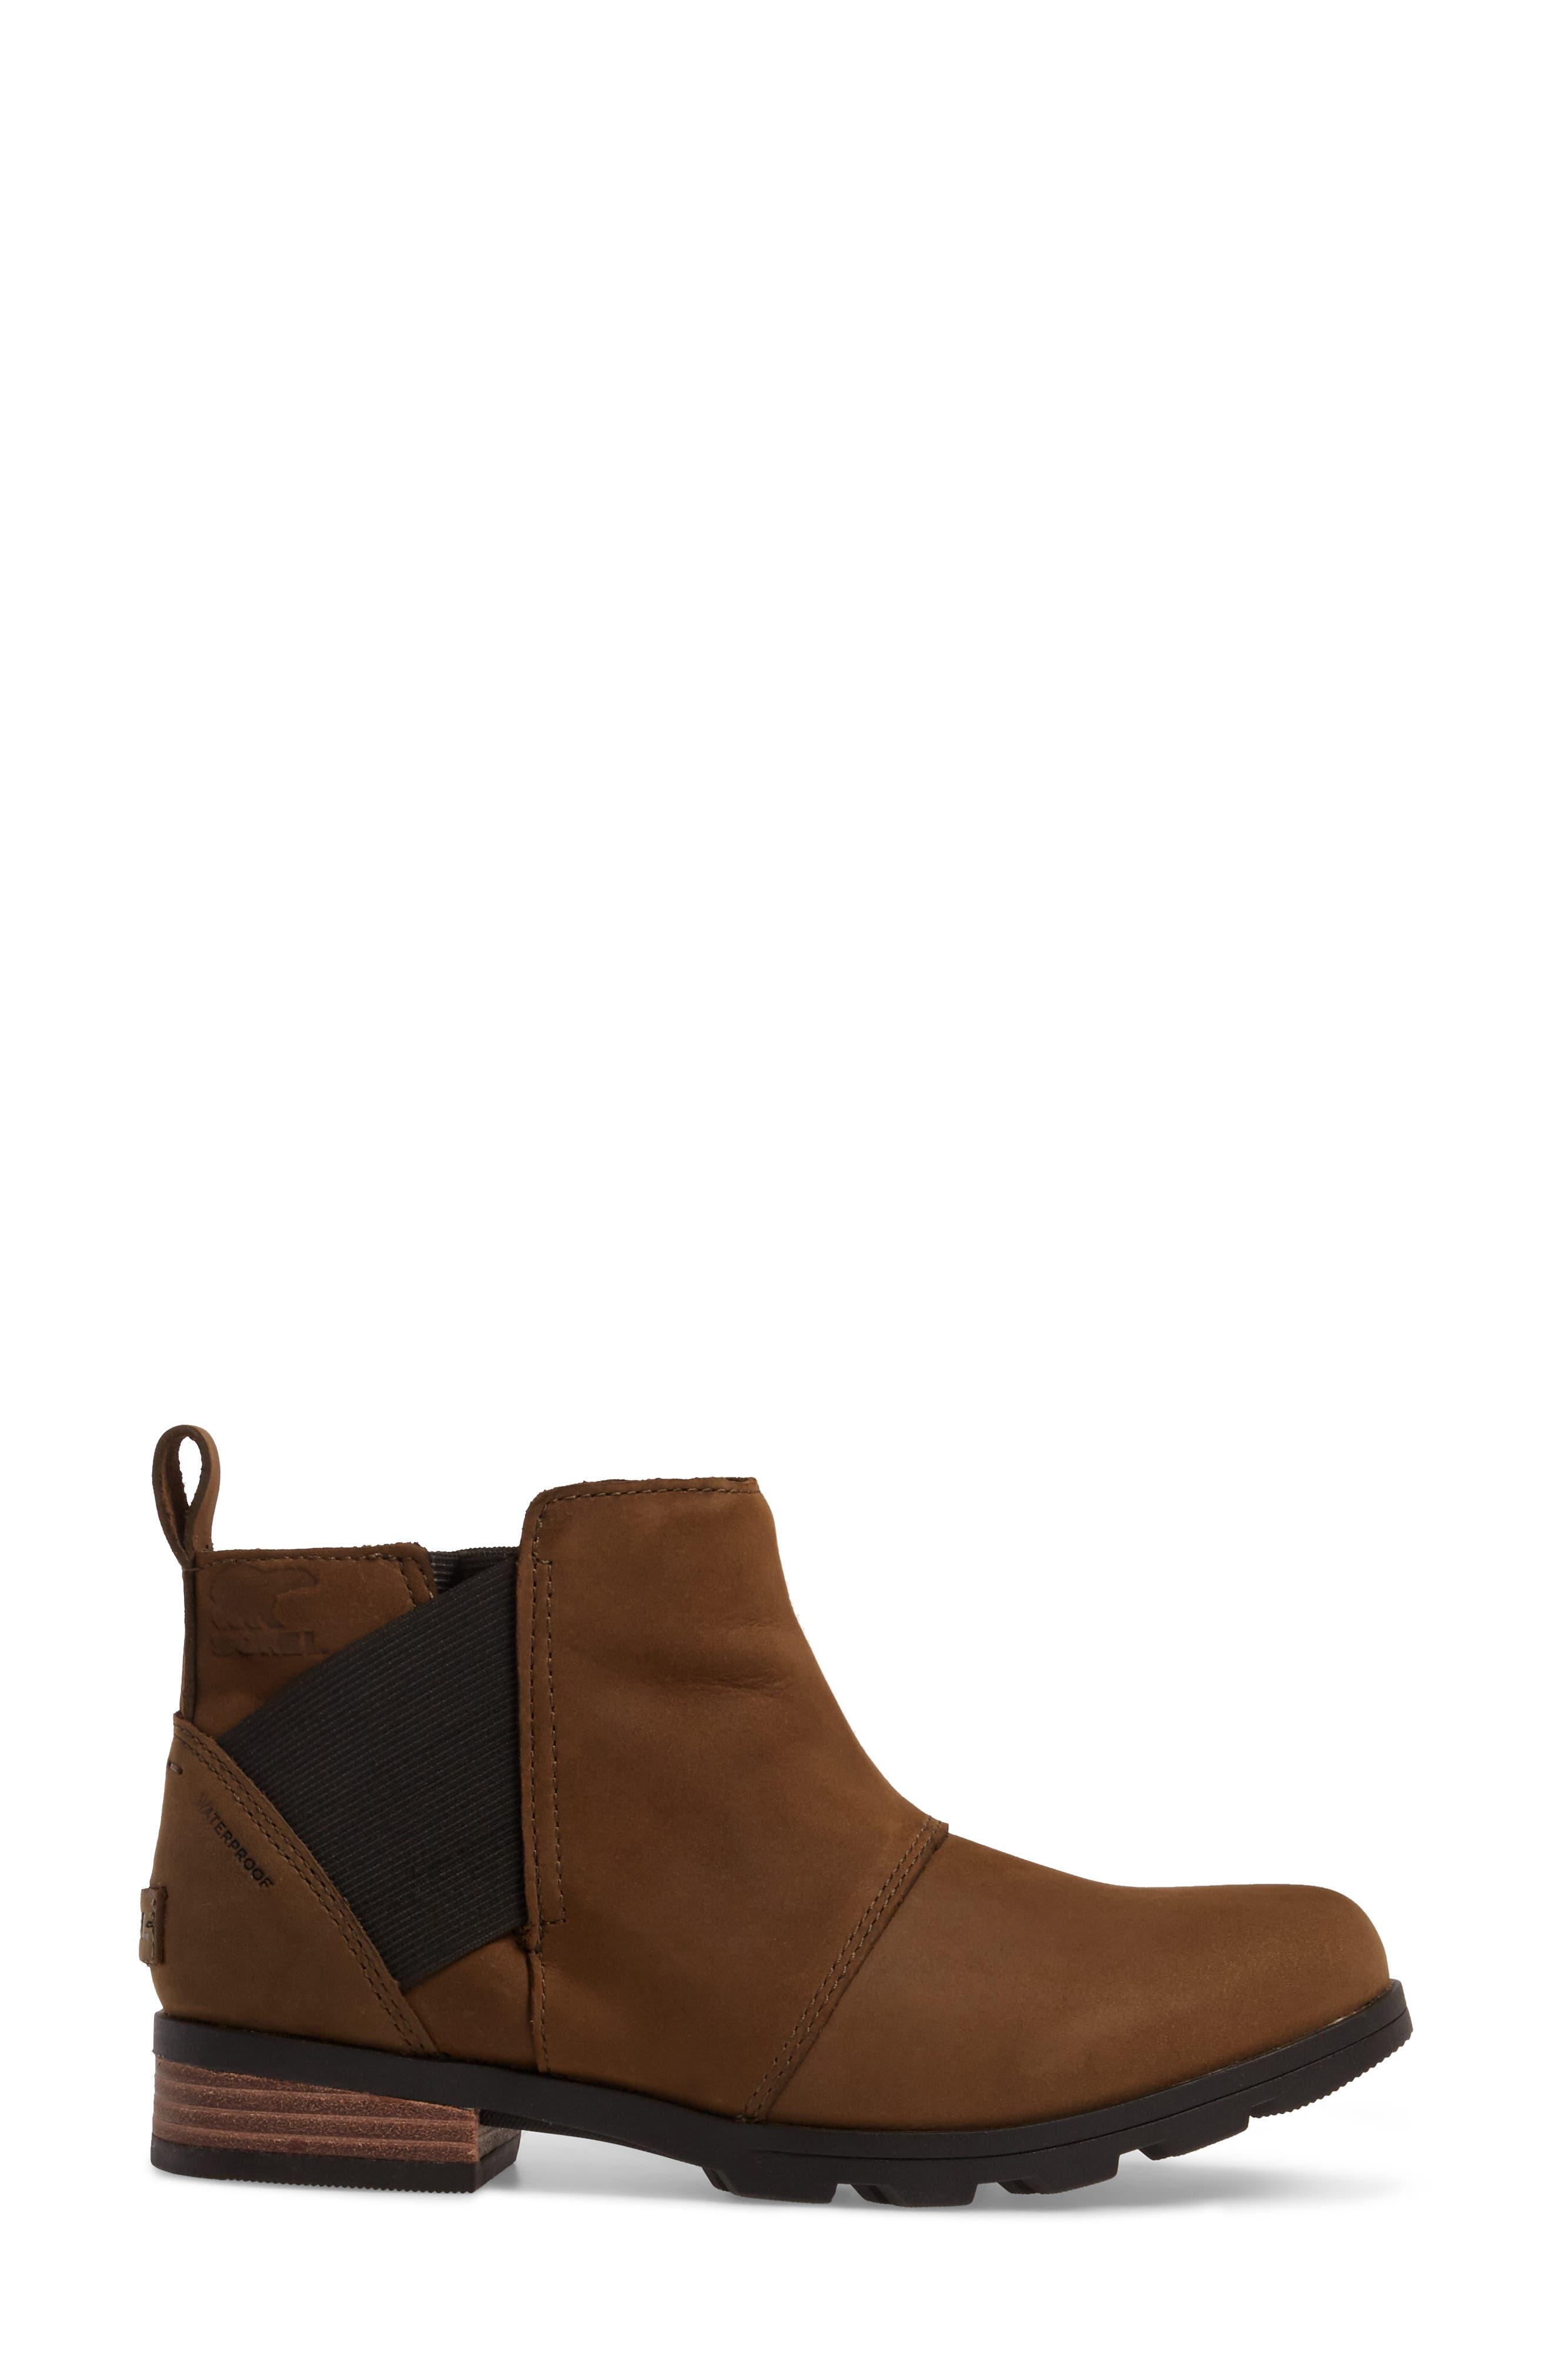 Emelie Waterproof Chelsea Boot,                             Alternate thumbnail 12, color,